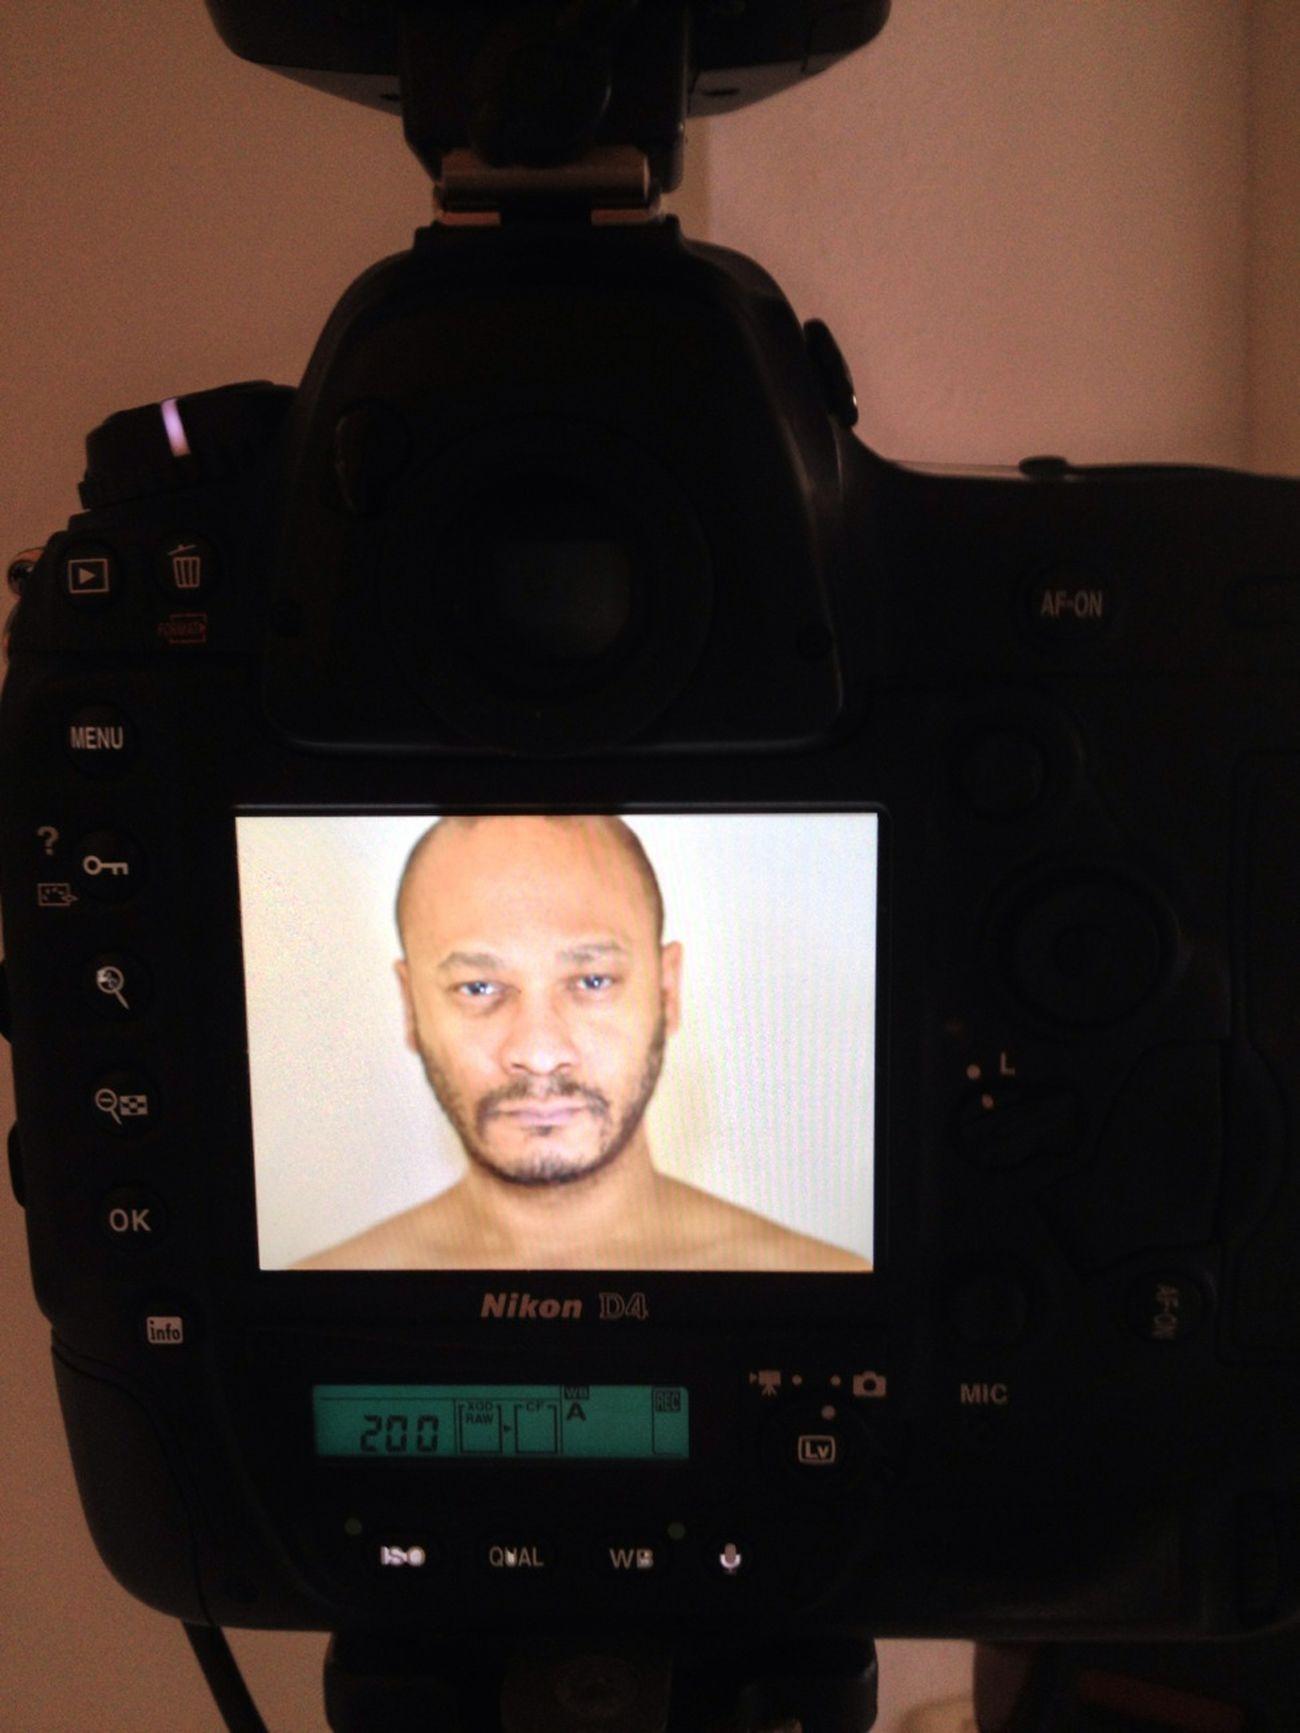 Making Self Portraits While Contemplating Life #nikon #nikond4 #d4 #autoportrait